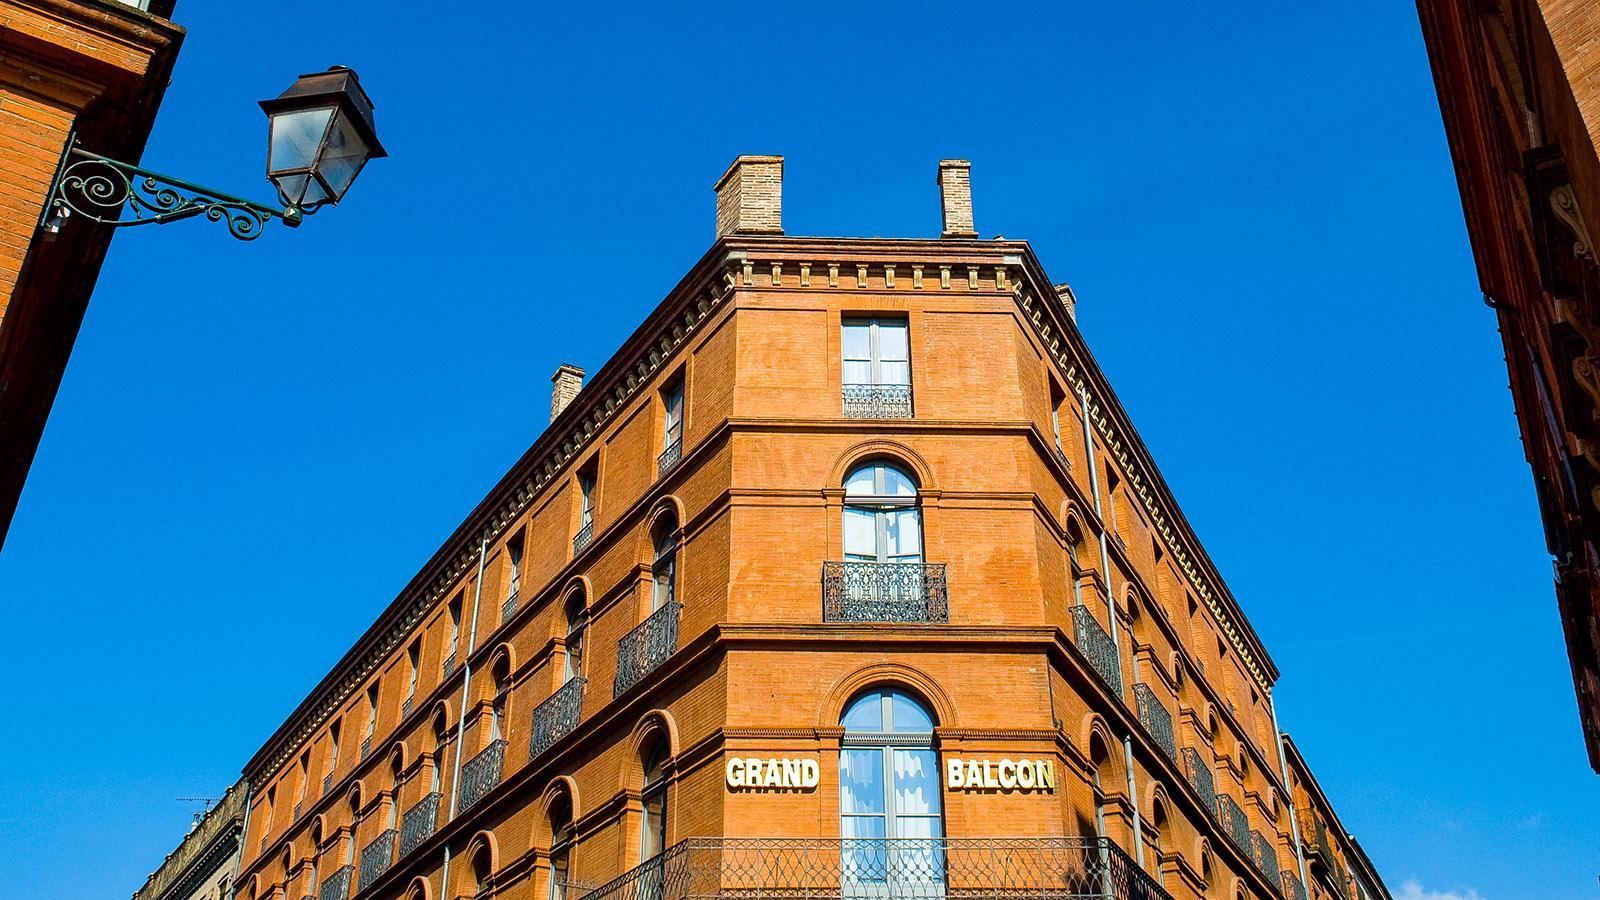 Toulouse: Im Hôtel Grand Balcon schliefen die frühen Luftpostflieger - auch Antoine de Saint-Exupéry, der Autor der kleinen Prinzen. Foto: Hilke Maunder